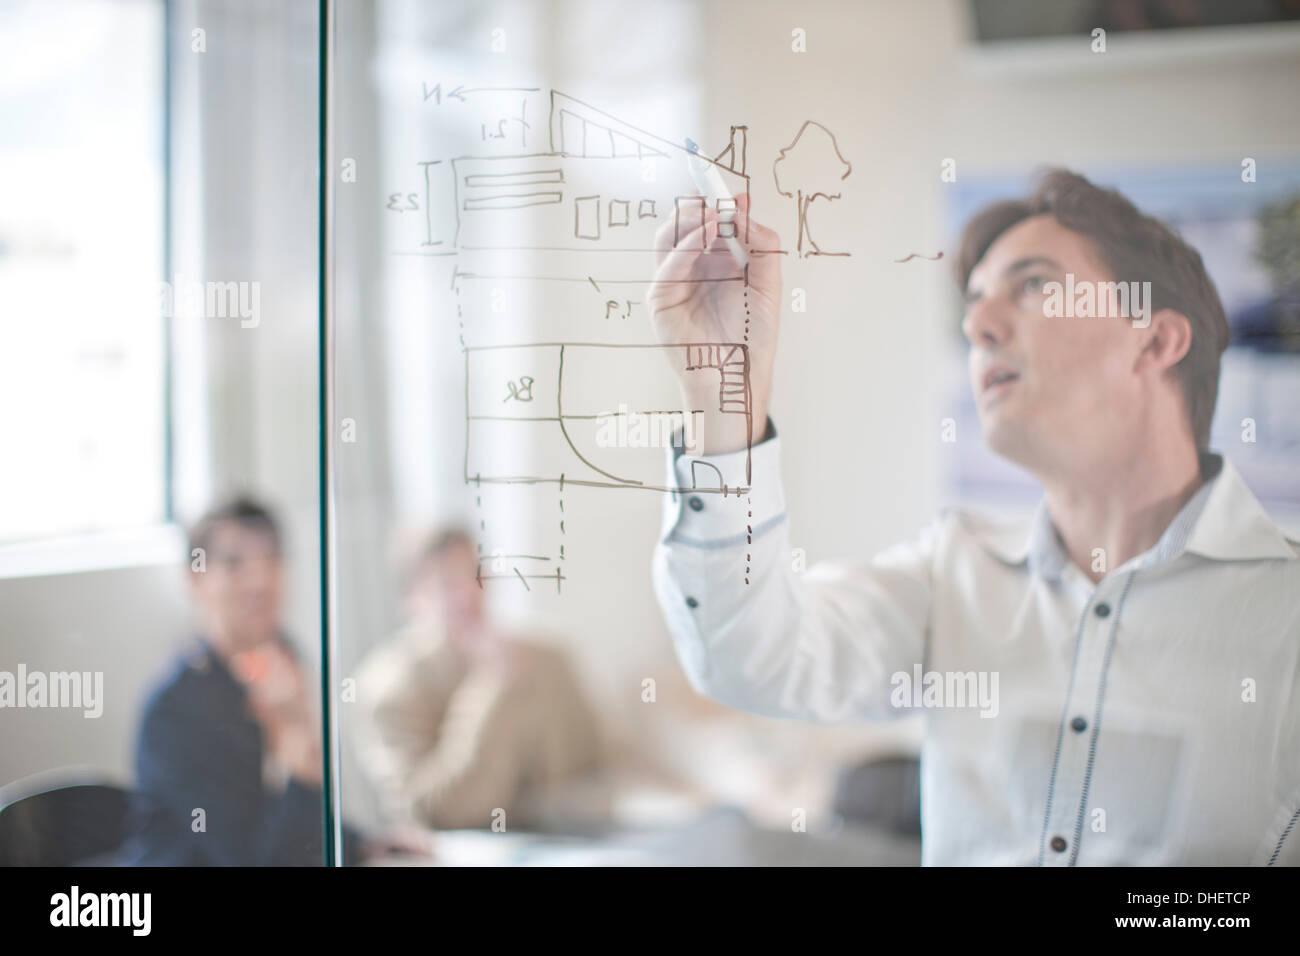 Dessin homme plans architecturaux sur mur de verre, des collègues en arrière-plan Photo Stock